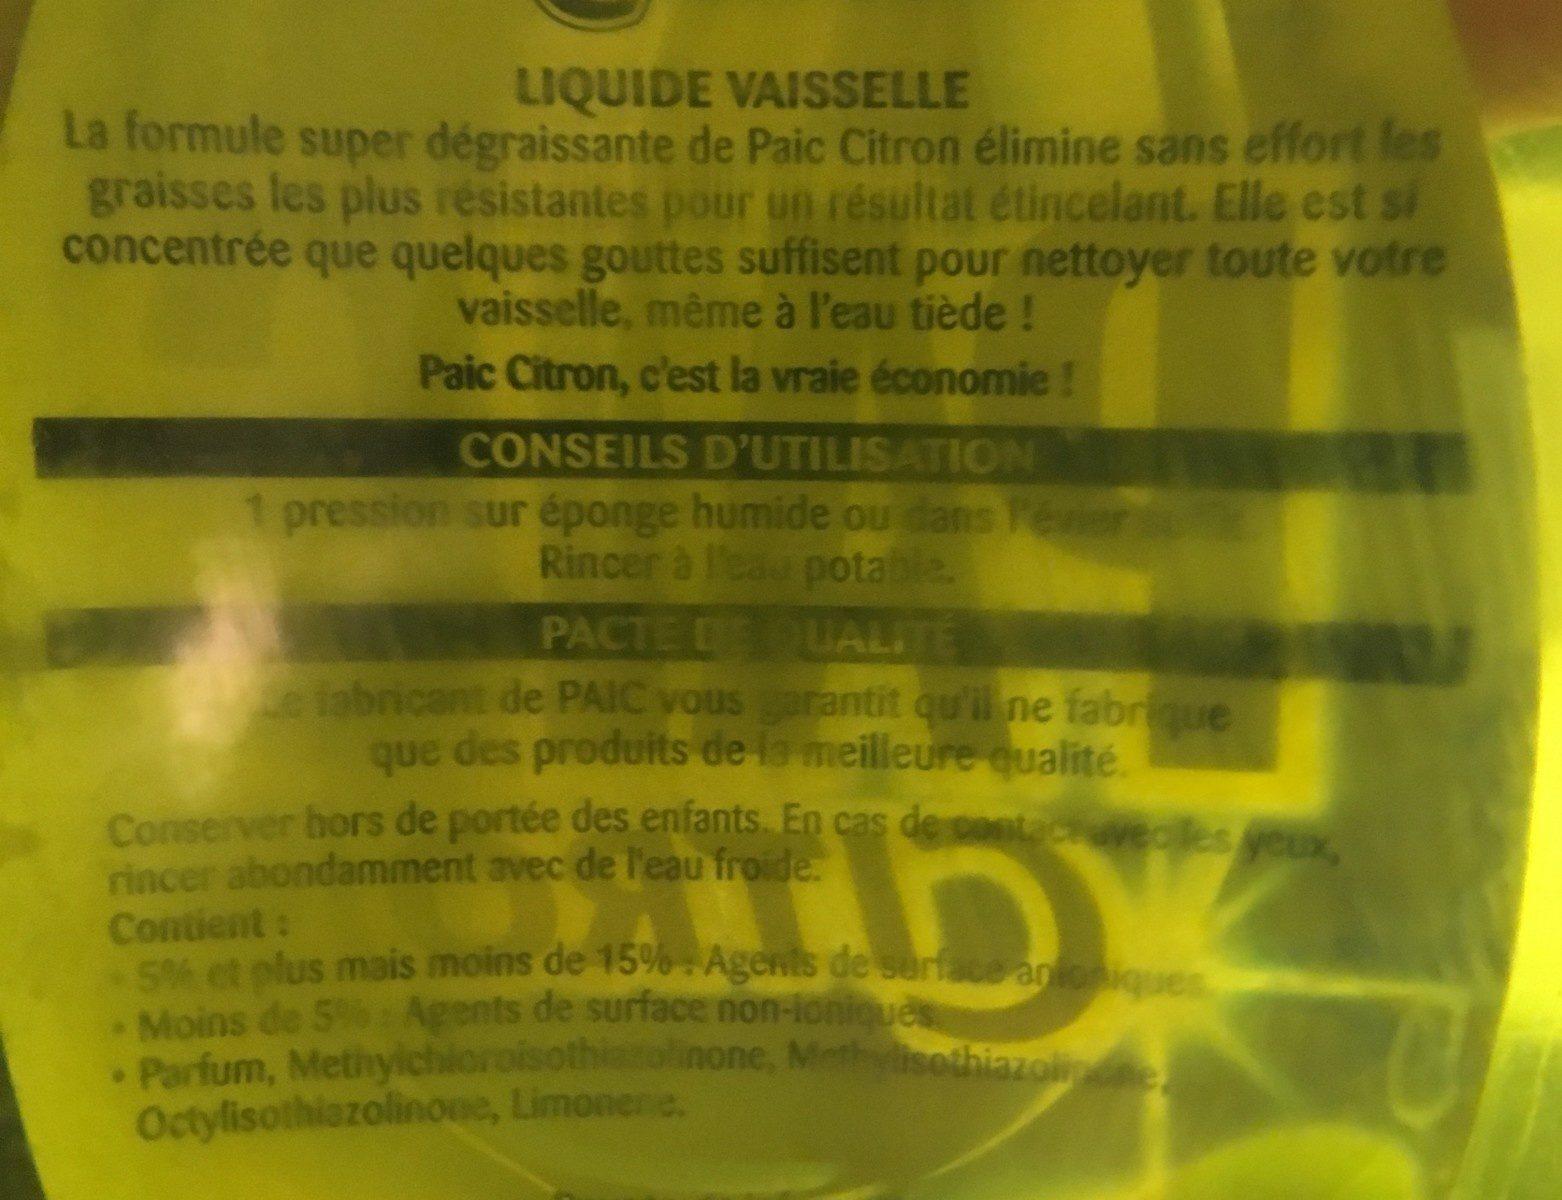 Paic Citron, Liquide Vaisselle, Flacon De 750 Millilitres - Ingredients - fr